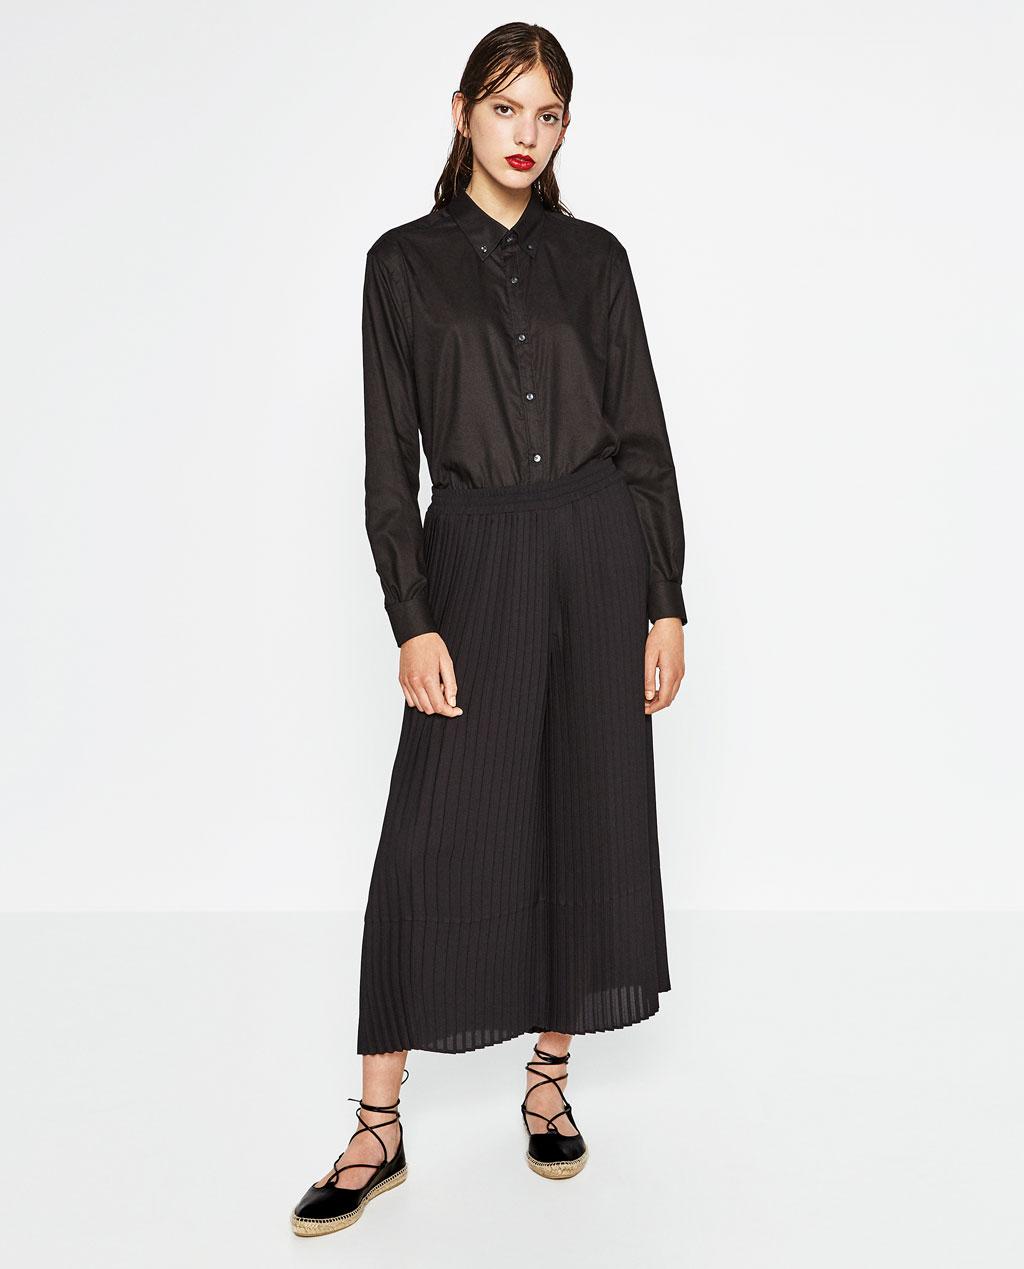 2aaf0f7d86 Catálogo de pantalones de Zara para mujer Primavera Verano 2019 -  Tendenzias.com